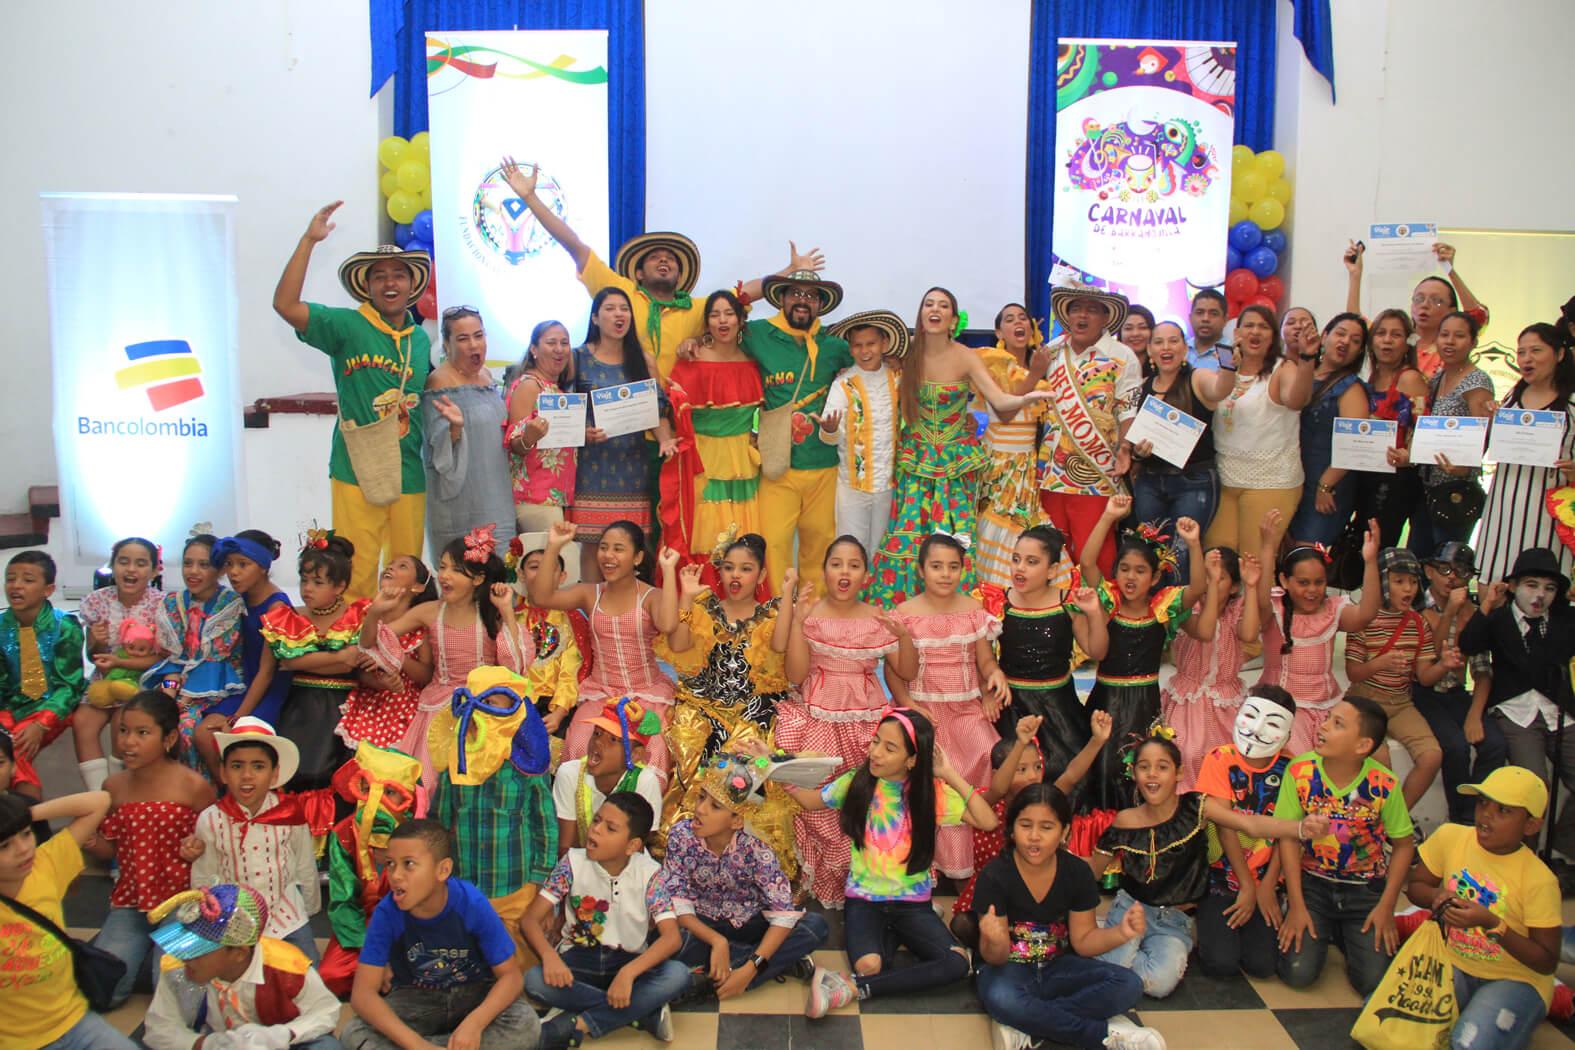 Tercer vuelo de 'El Viaje del Carnaval' finaliza con más de 9.500 estudiantes beneficiados